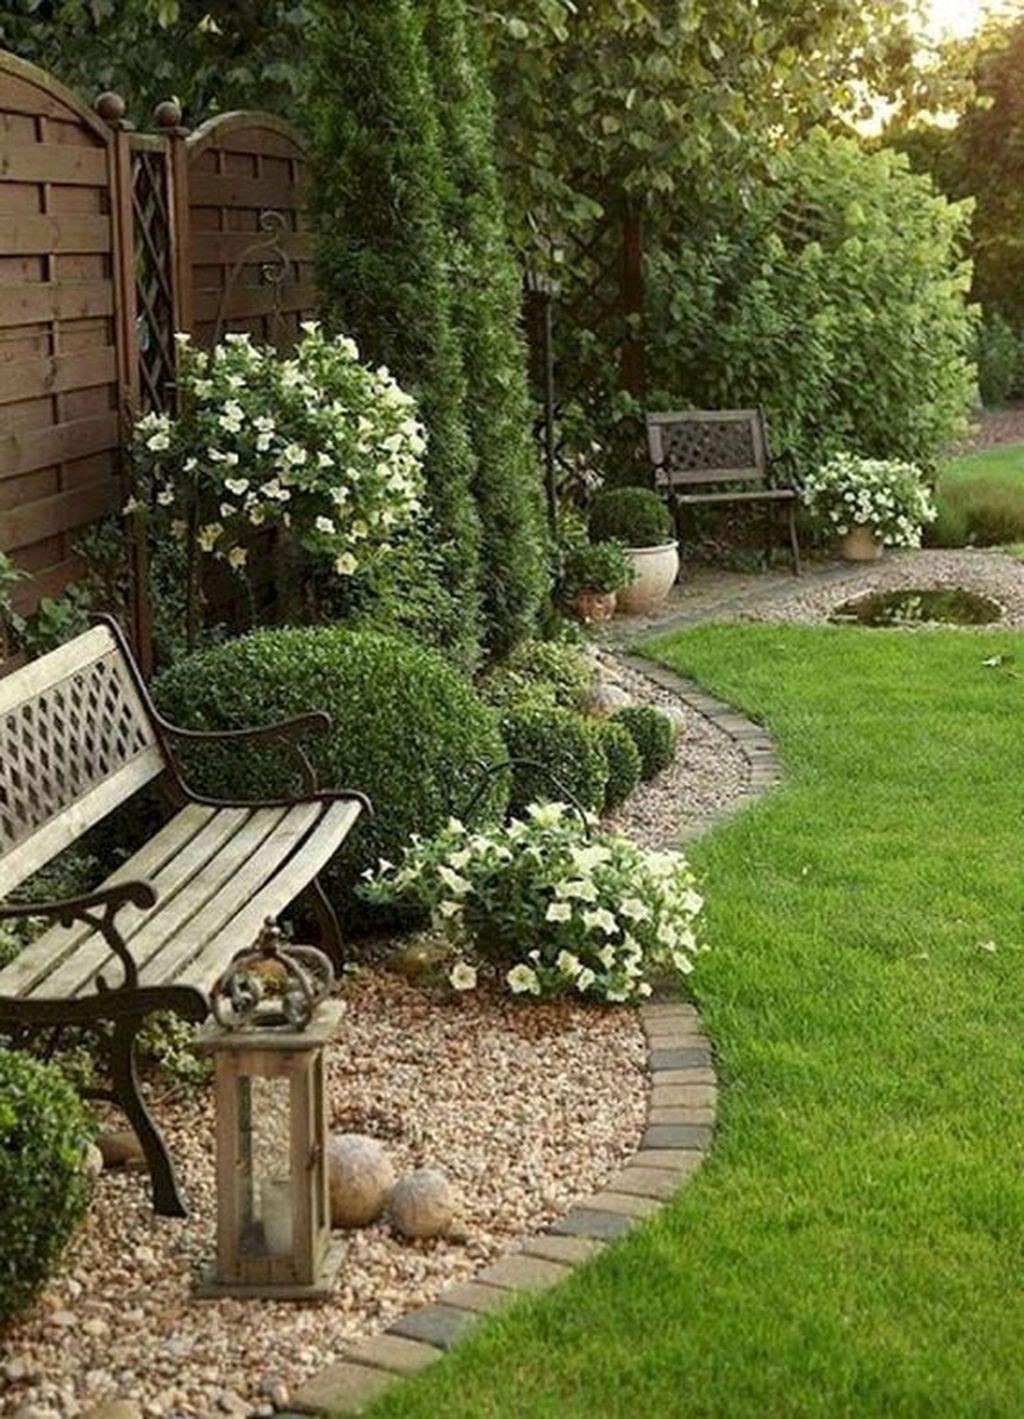 Fine 36 Stunning Front Yard Cottage Garden Landscaping Ideas Front Yard Landscaping Design Porch Landscaping Small Front Yard Landscaping